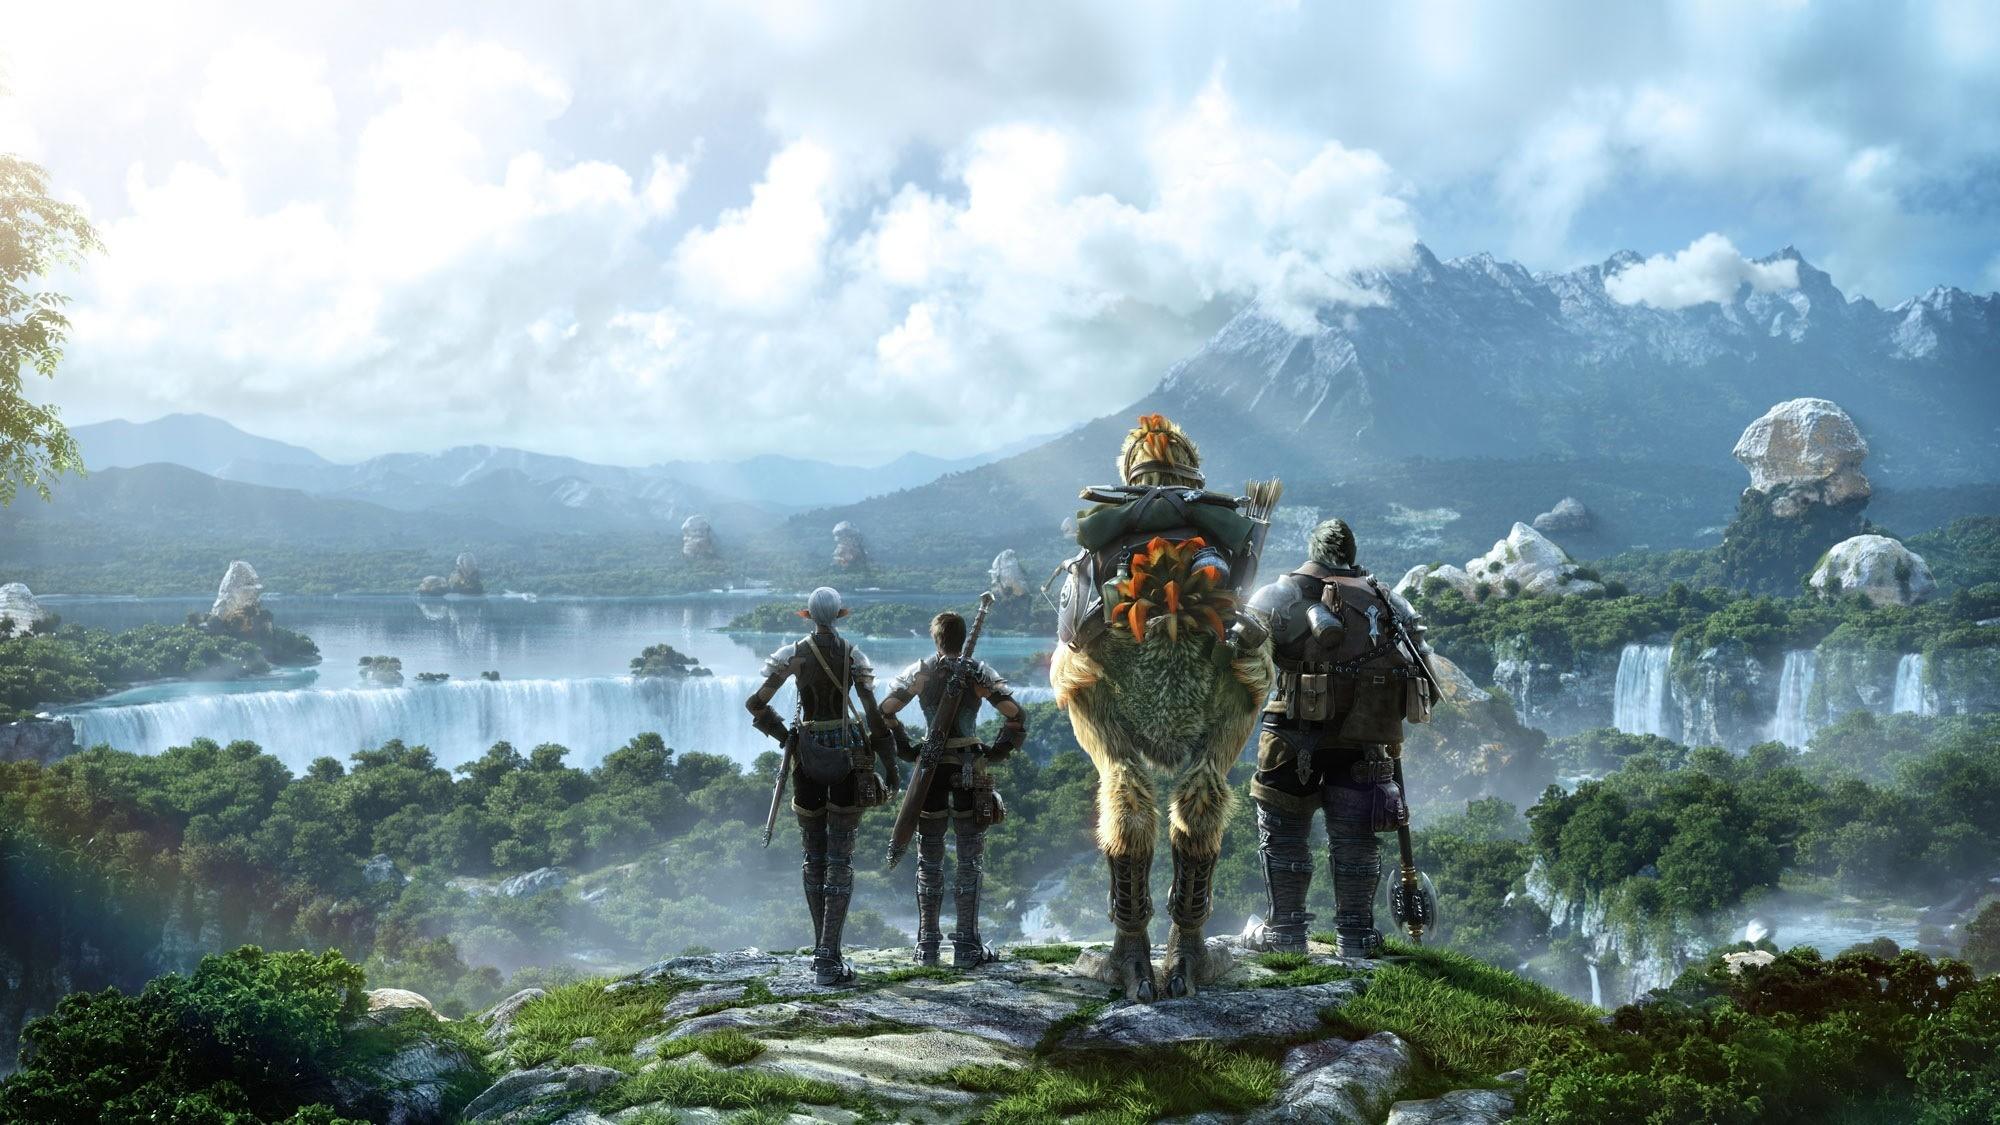 Final Fantasy XIV desktop wallpaper